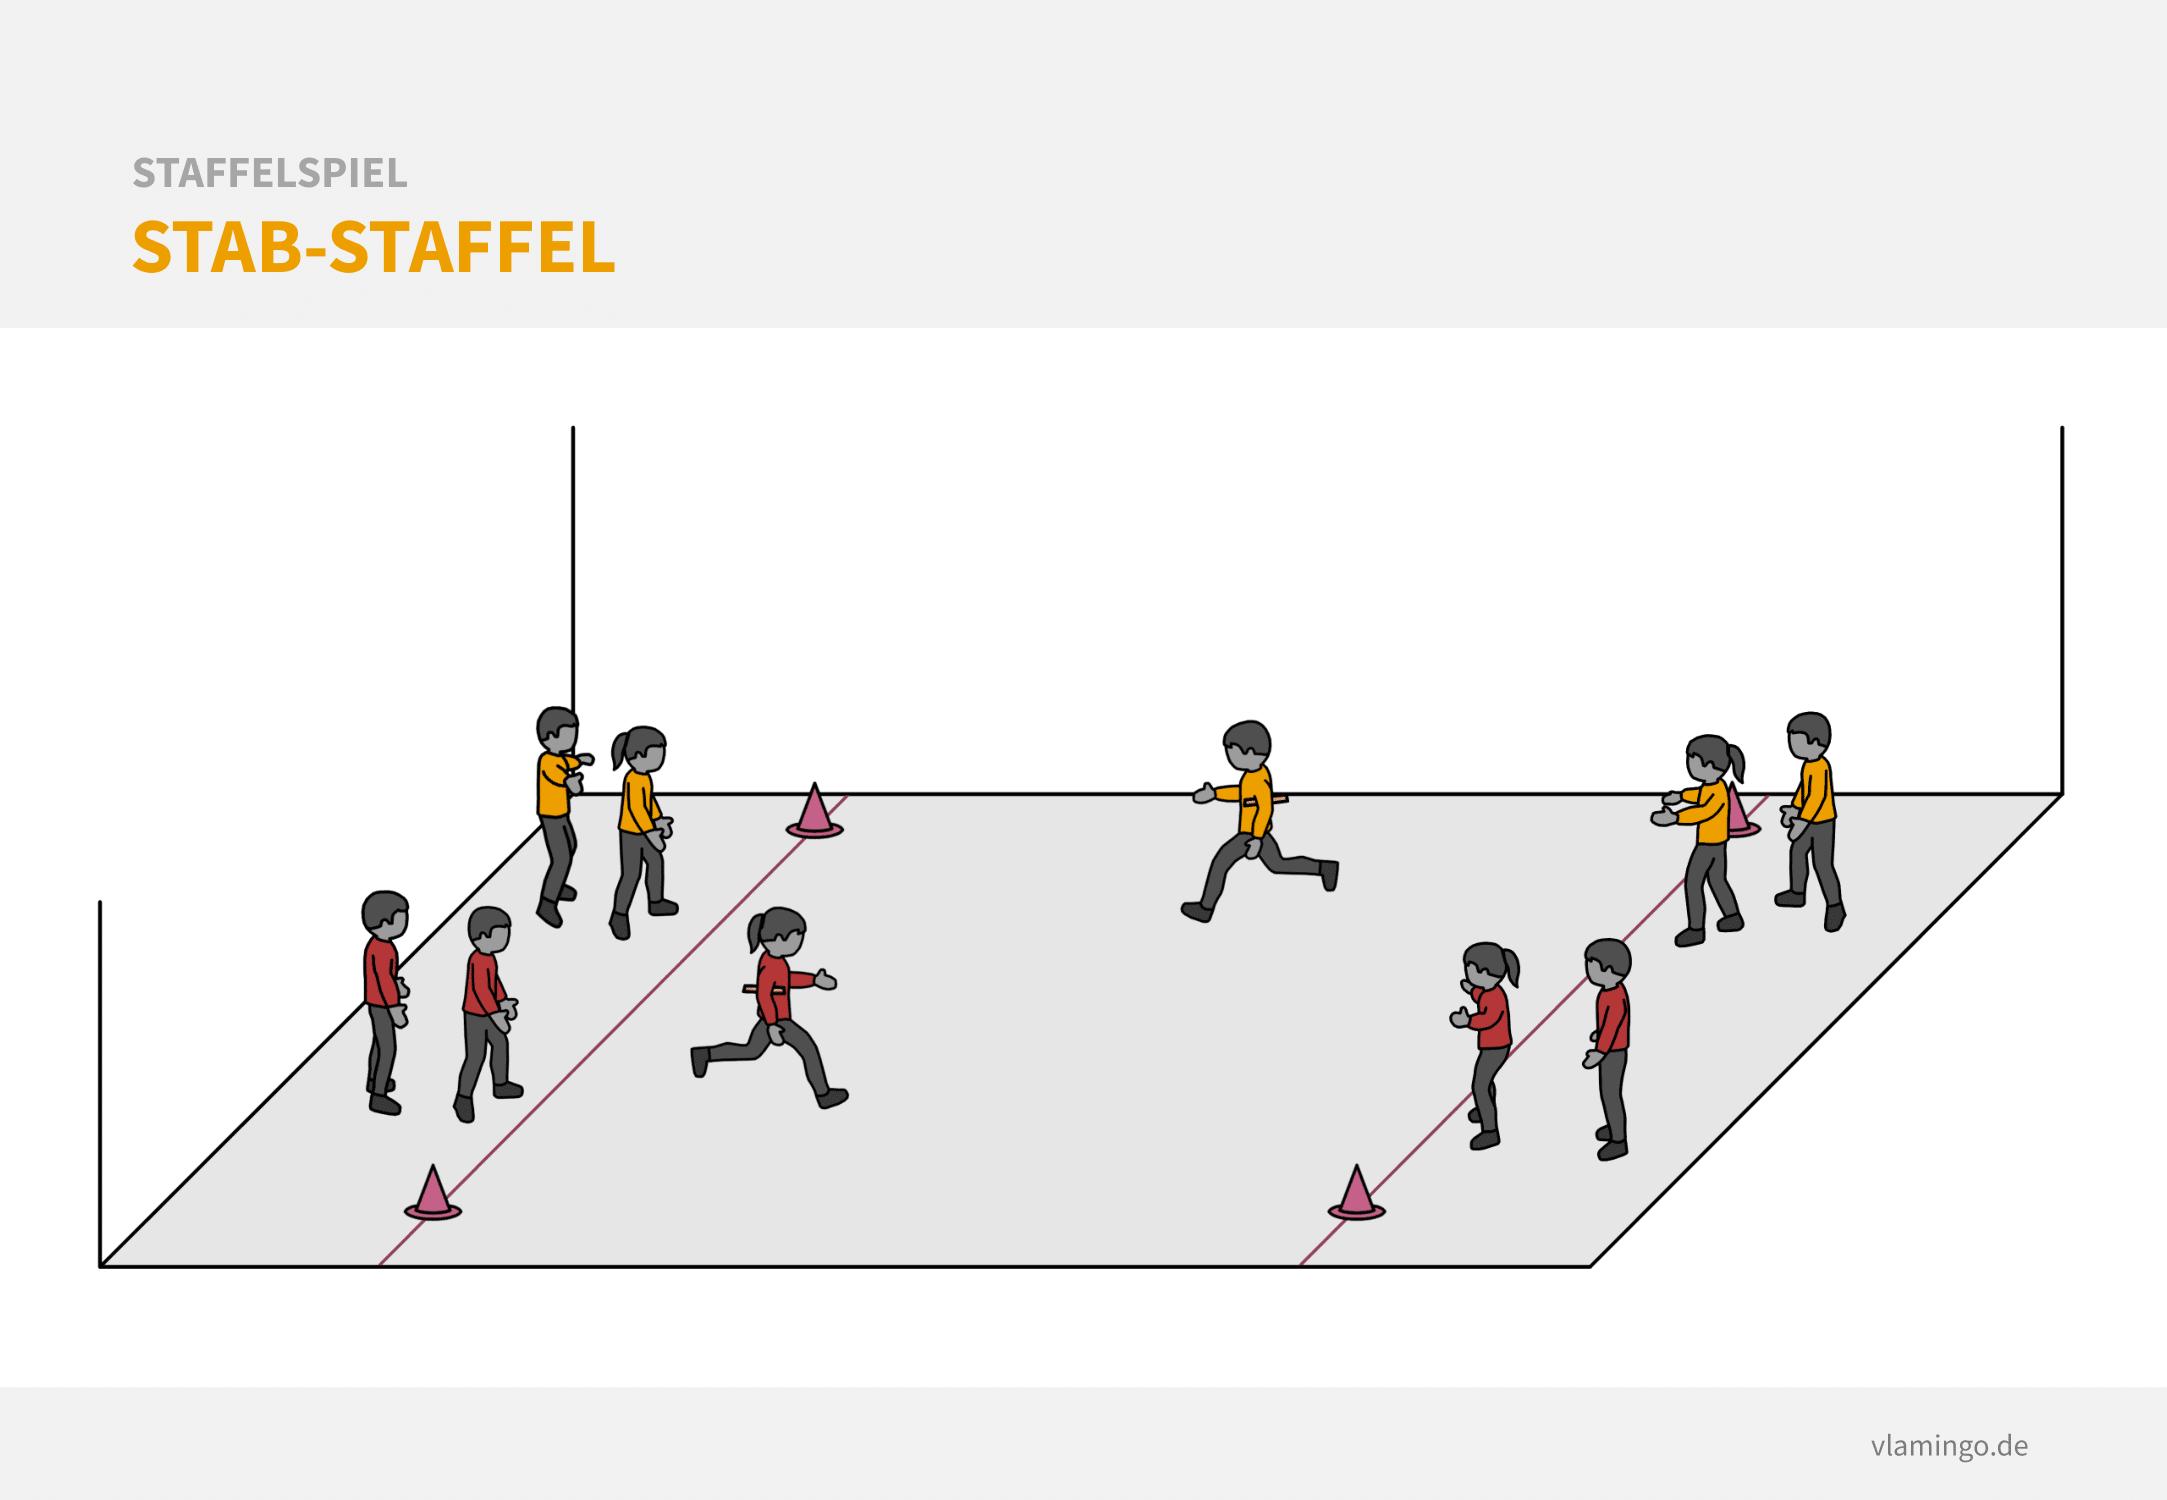 Staffelspiel - Stab-Staffel